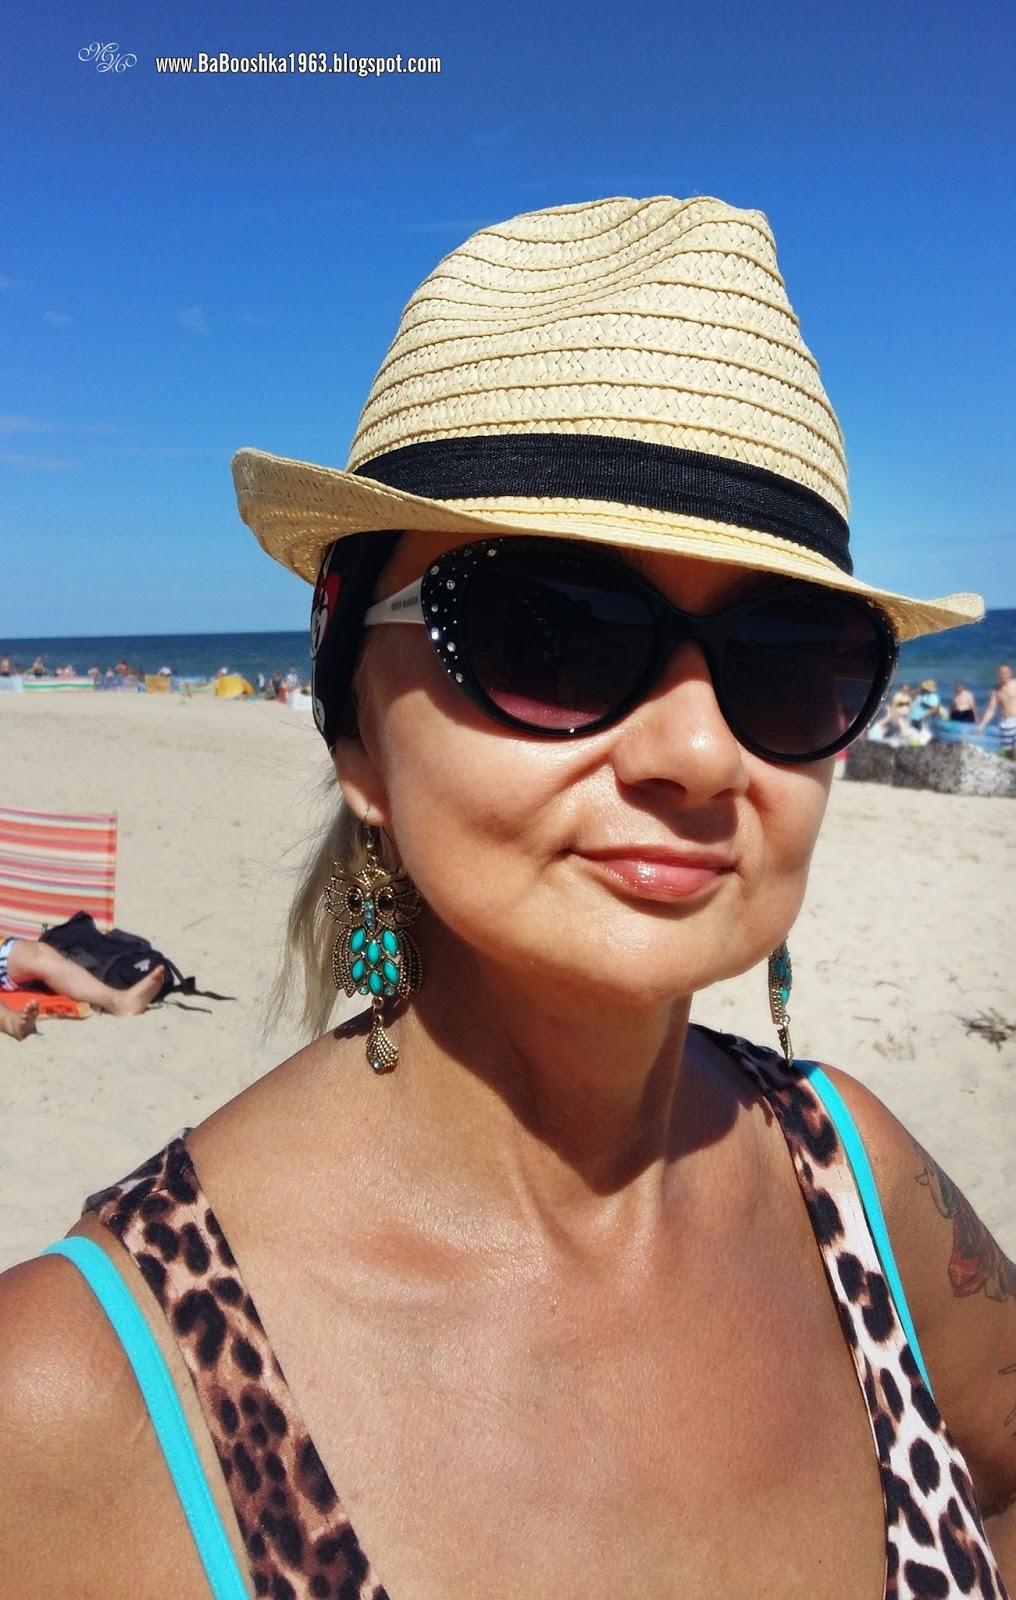 78e453c2c5328c Jadąc nad morze liczymy na to, że pogoda będzie i że większość czasu  spędzimy na plaży, zatem przygotujmy się, miejmy potem piękne zdjęcia,  pamiątkę, ...